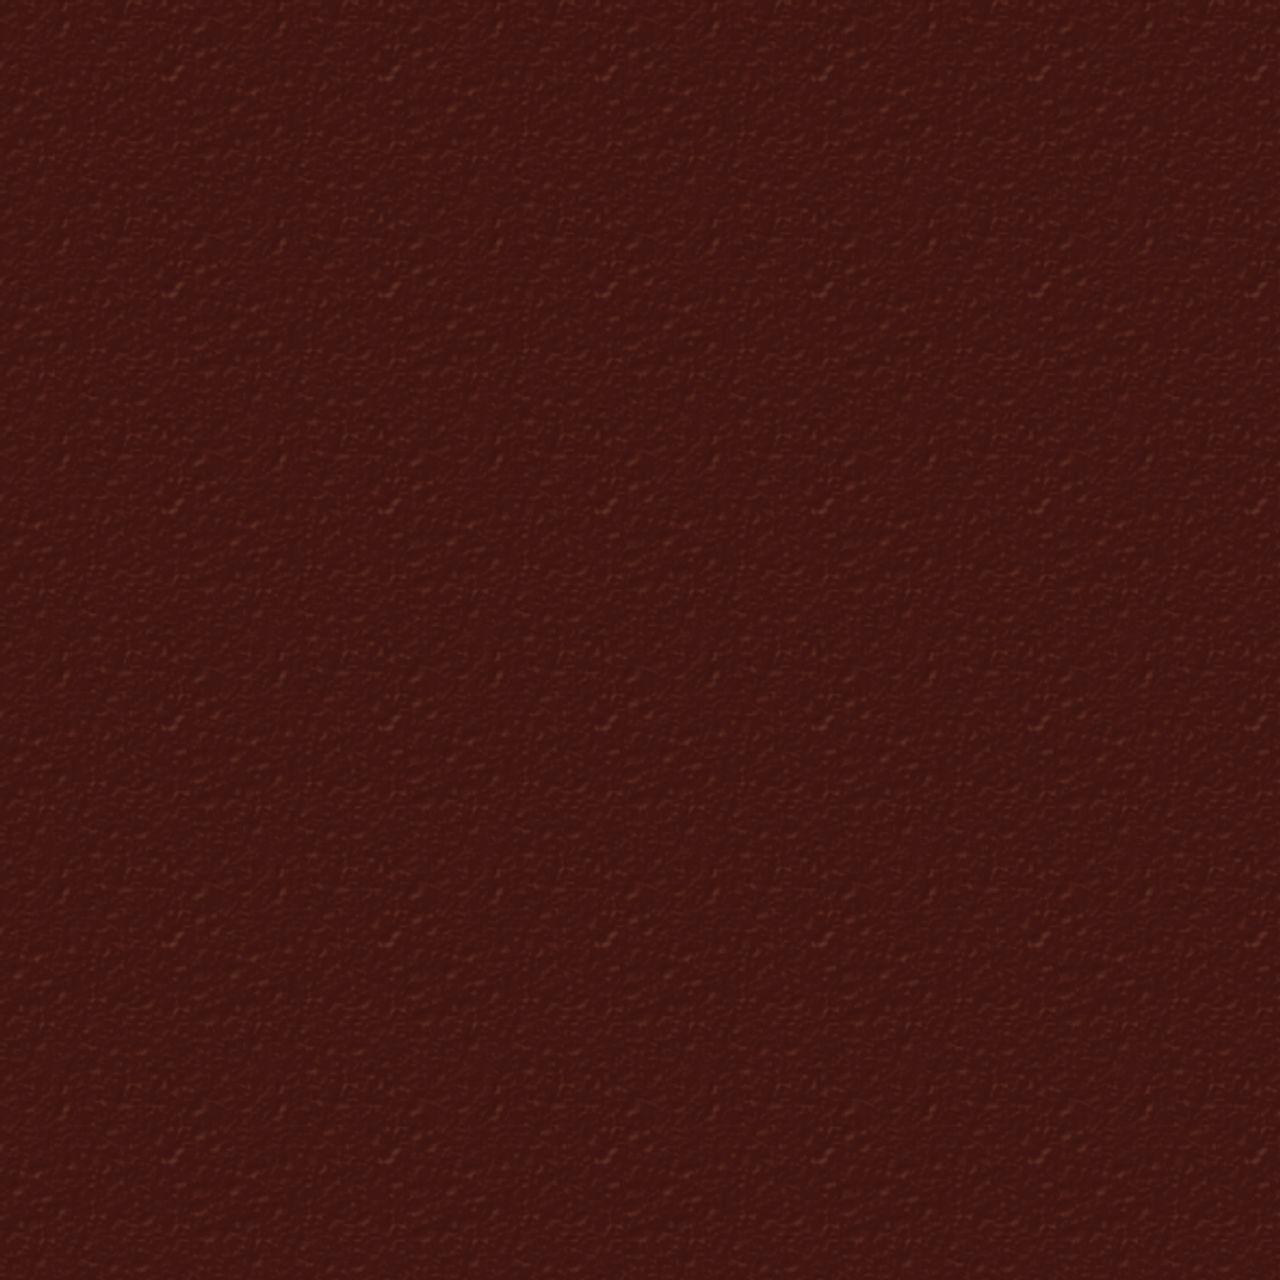 K14.7.2 Deep Red Brown